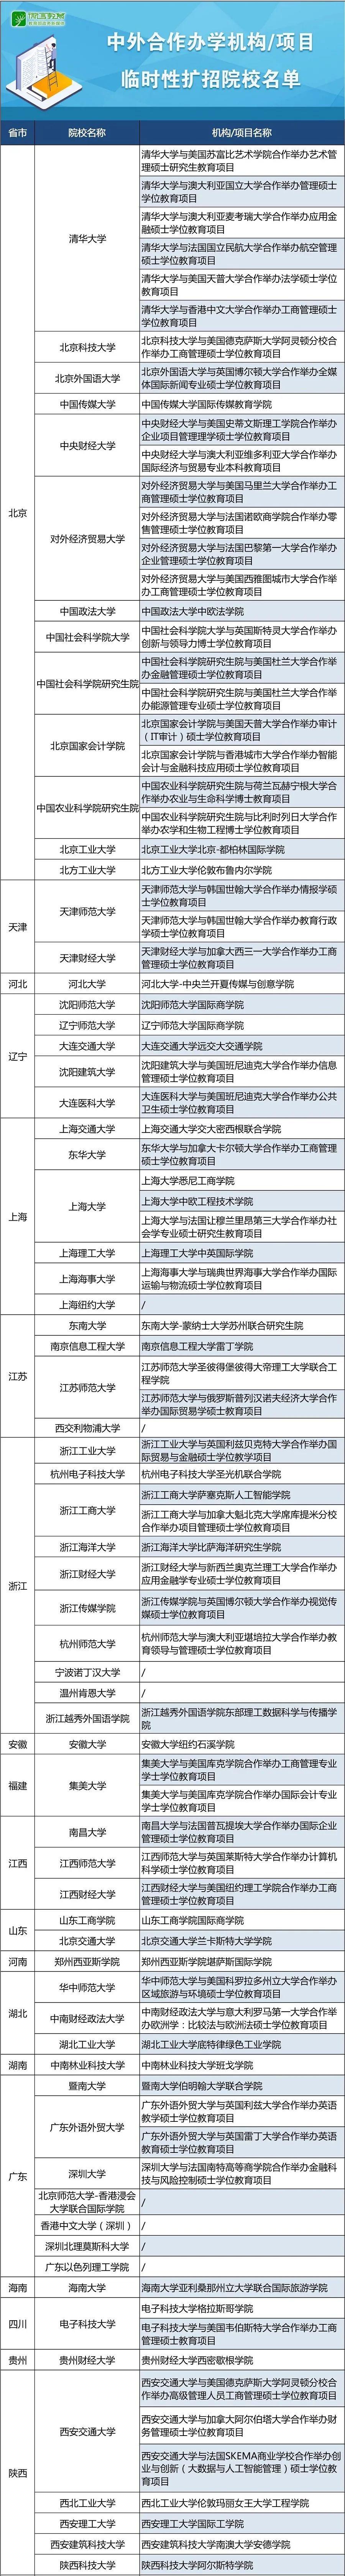 留学受阻怎么办?教育部公布中外合作办学机构临时性扩招院校名单